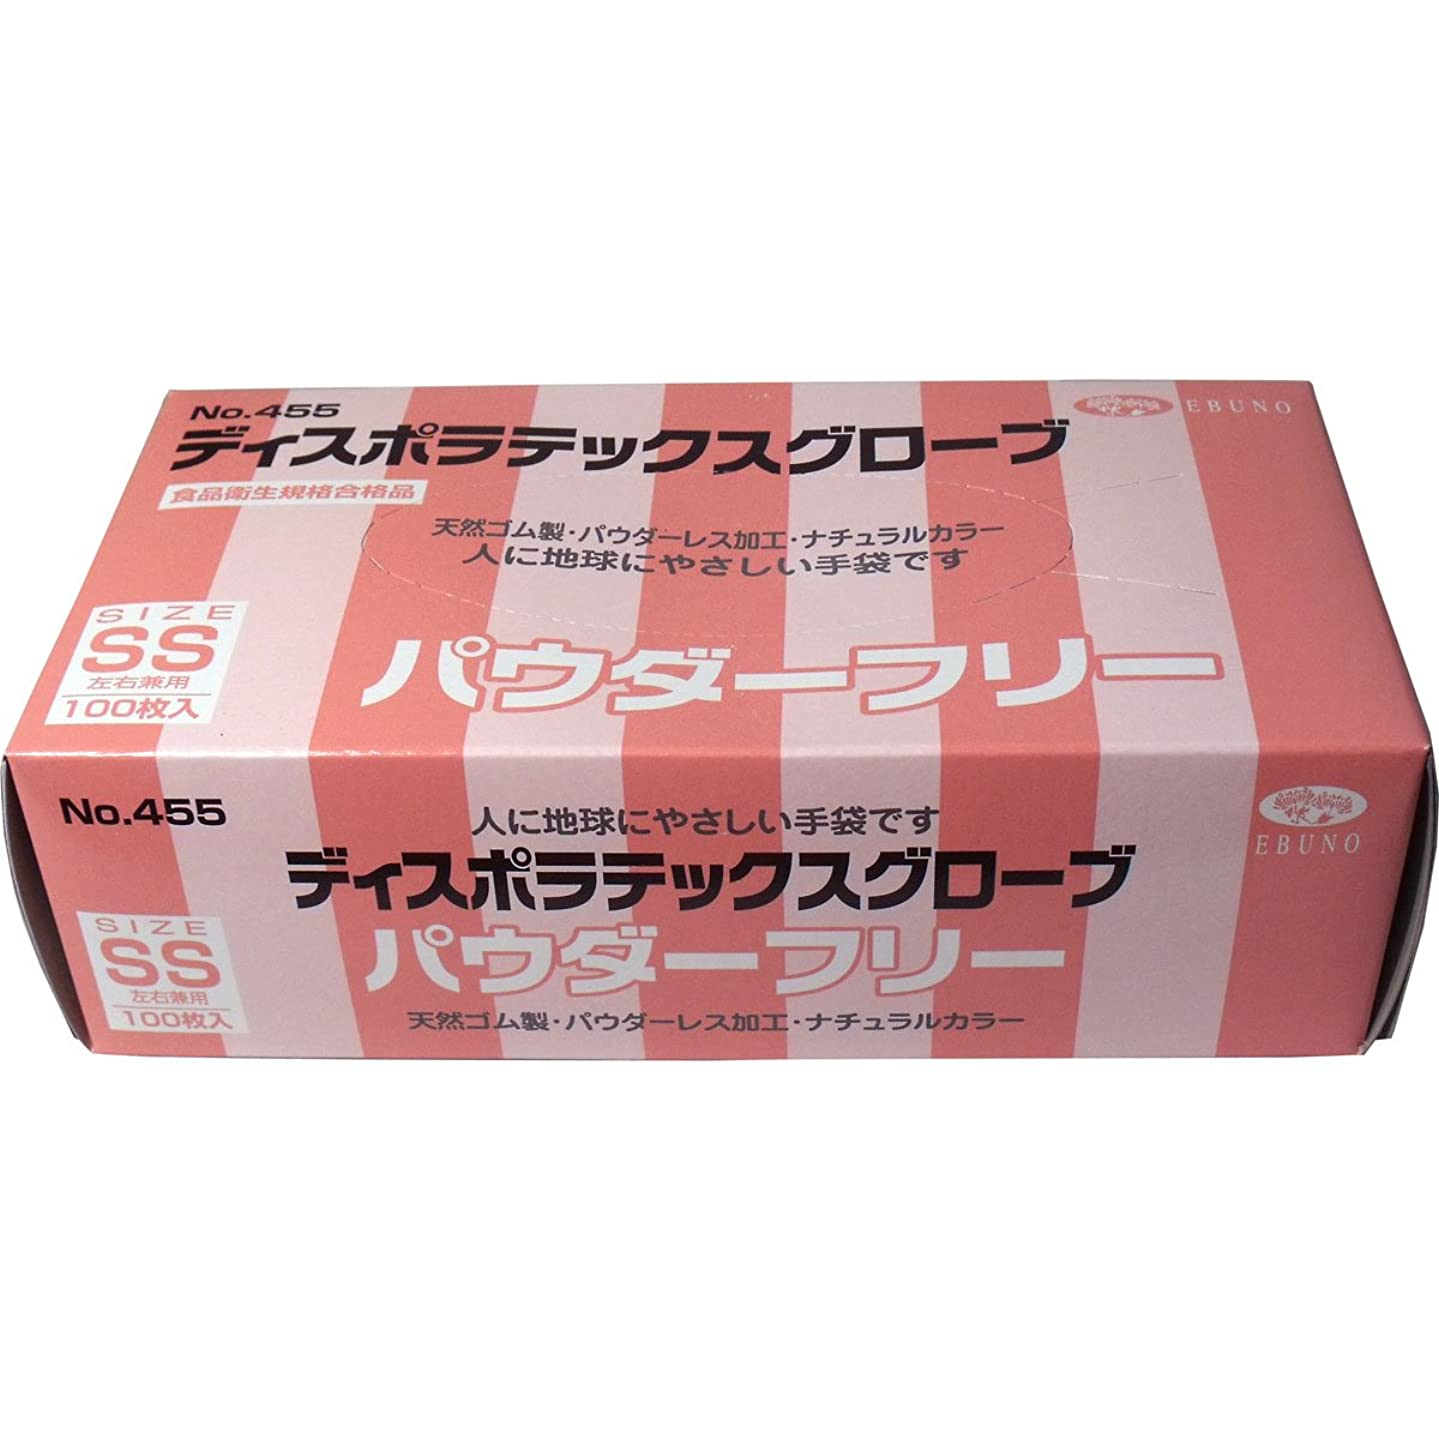 啓示残高不良ディスポ ラテックスグローブ(天然ゴム手袋) パウダーフリー SSサイズ 100枚入 ×10個セット